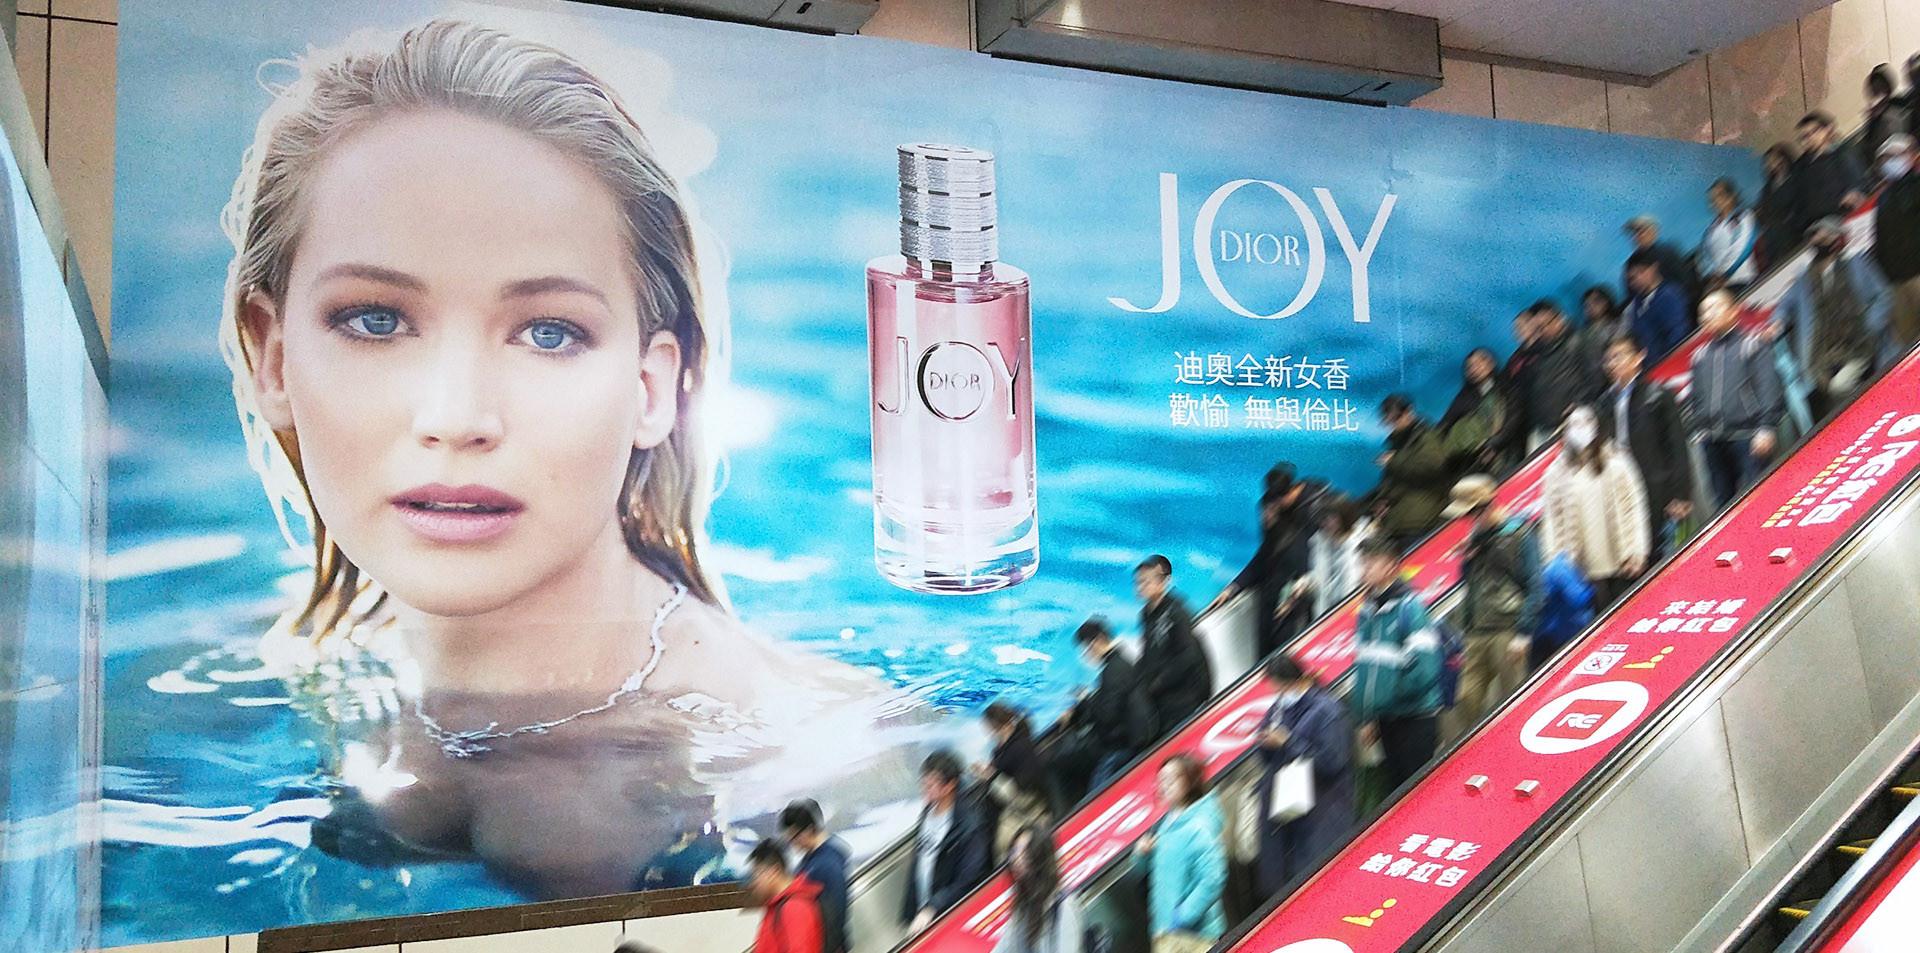 台北捷運廣告刊登  忠孝復興站 Dior